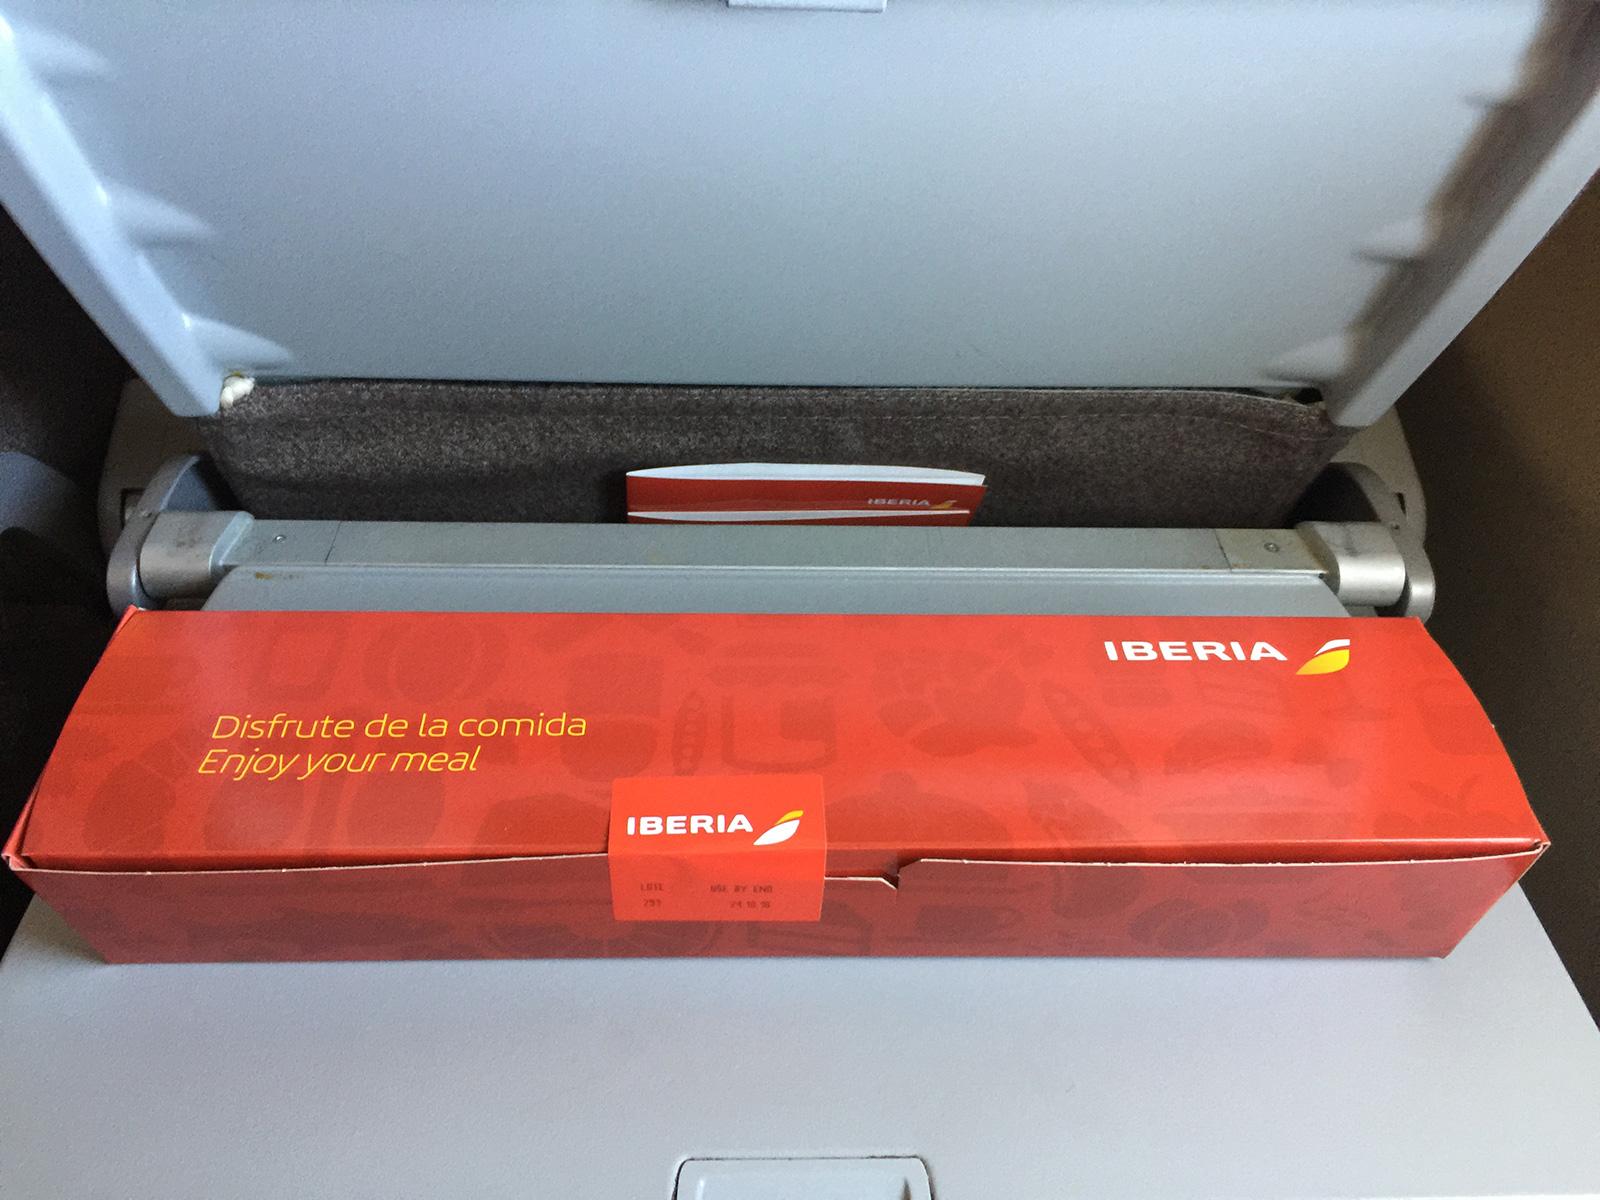 Desayuno a bordo de un Vuelo de Iberia